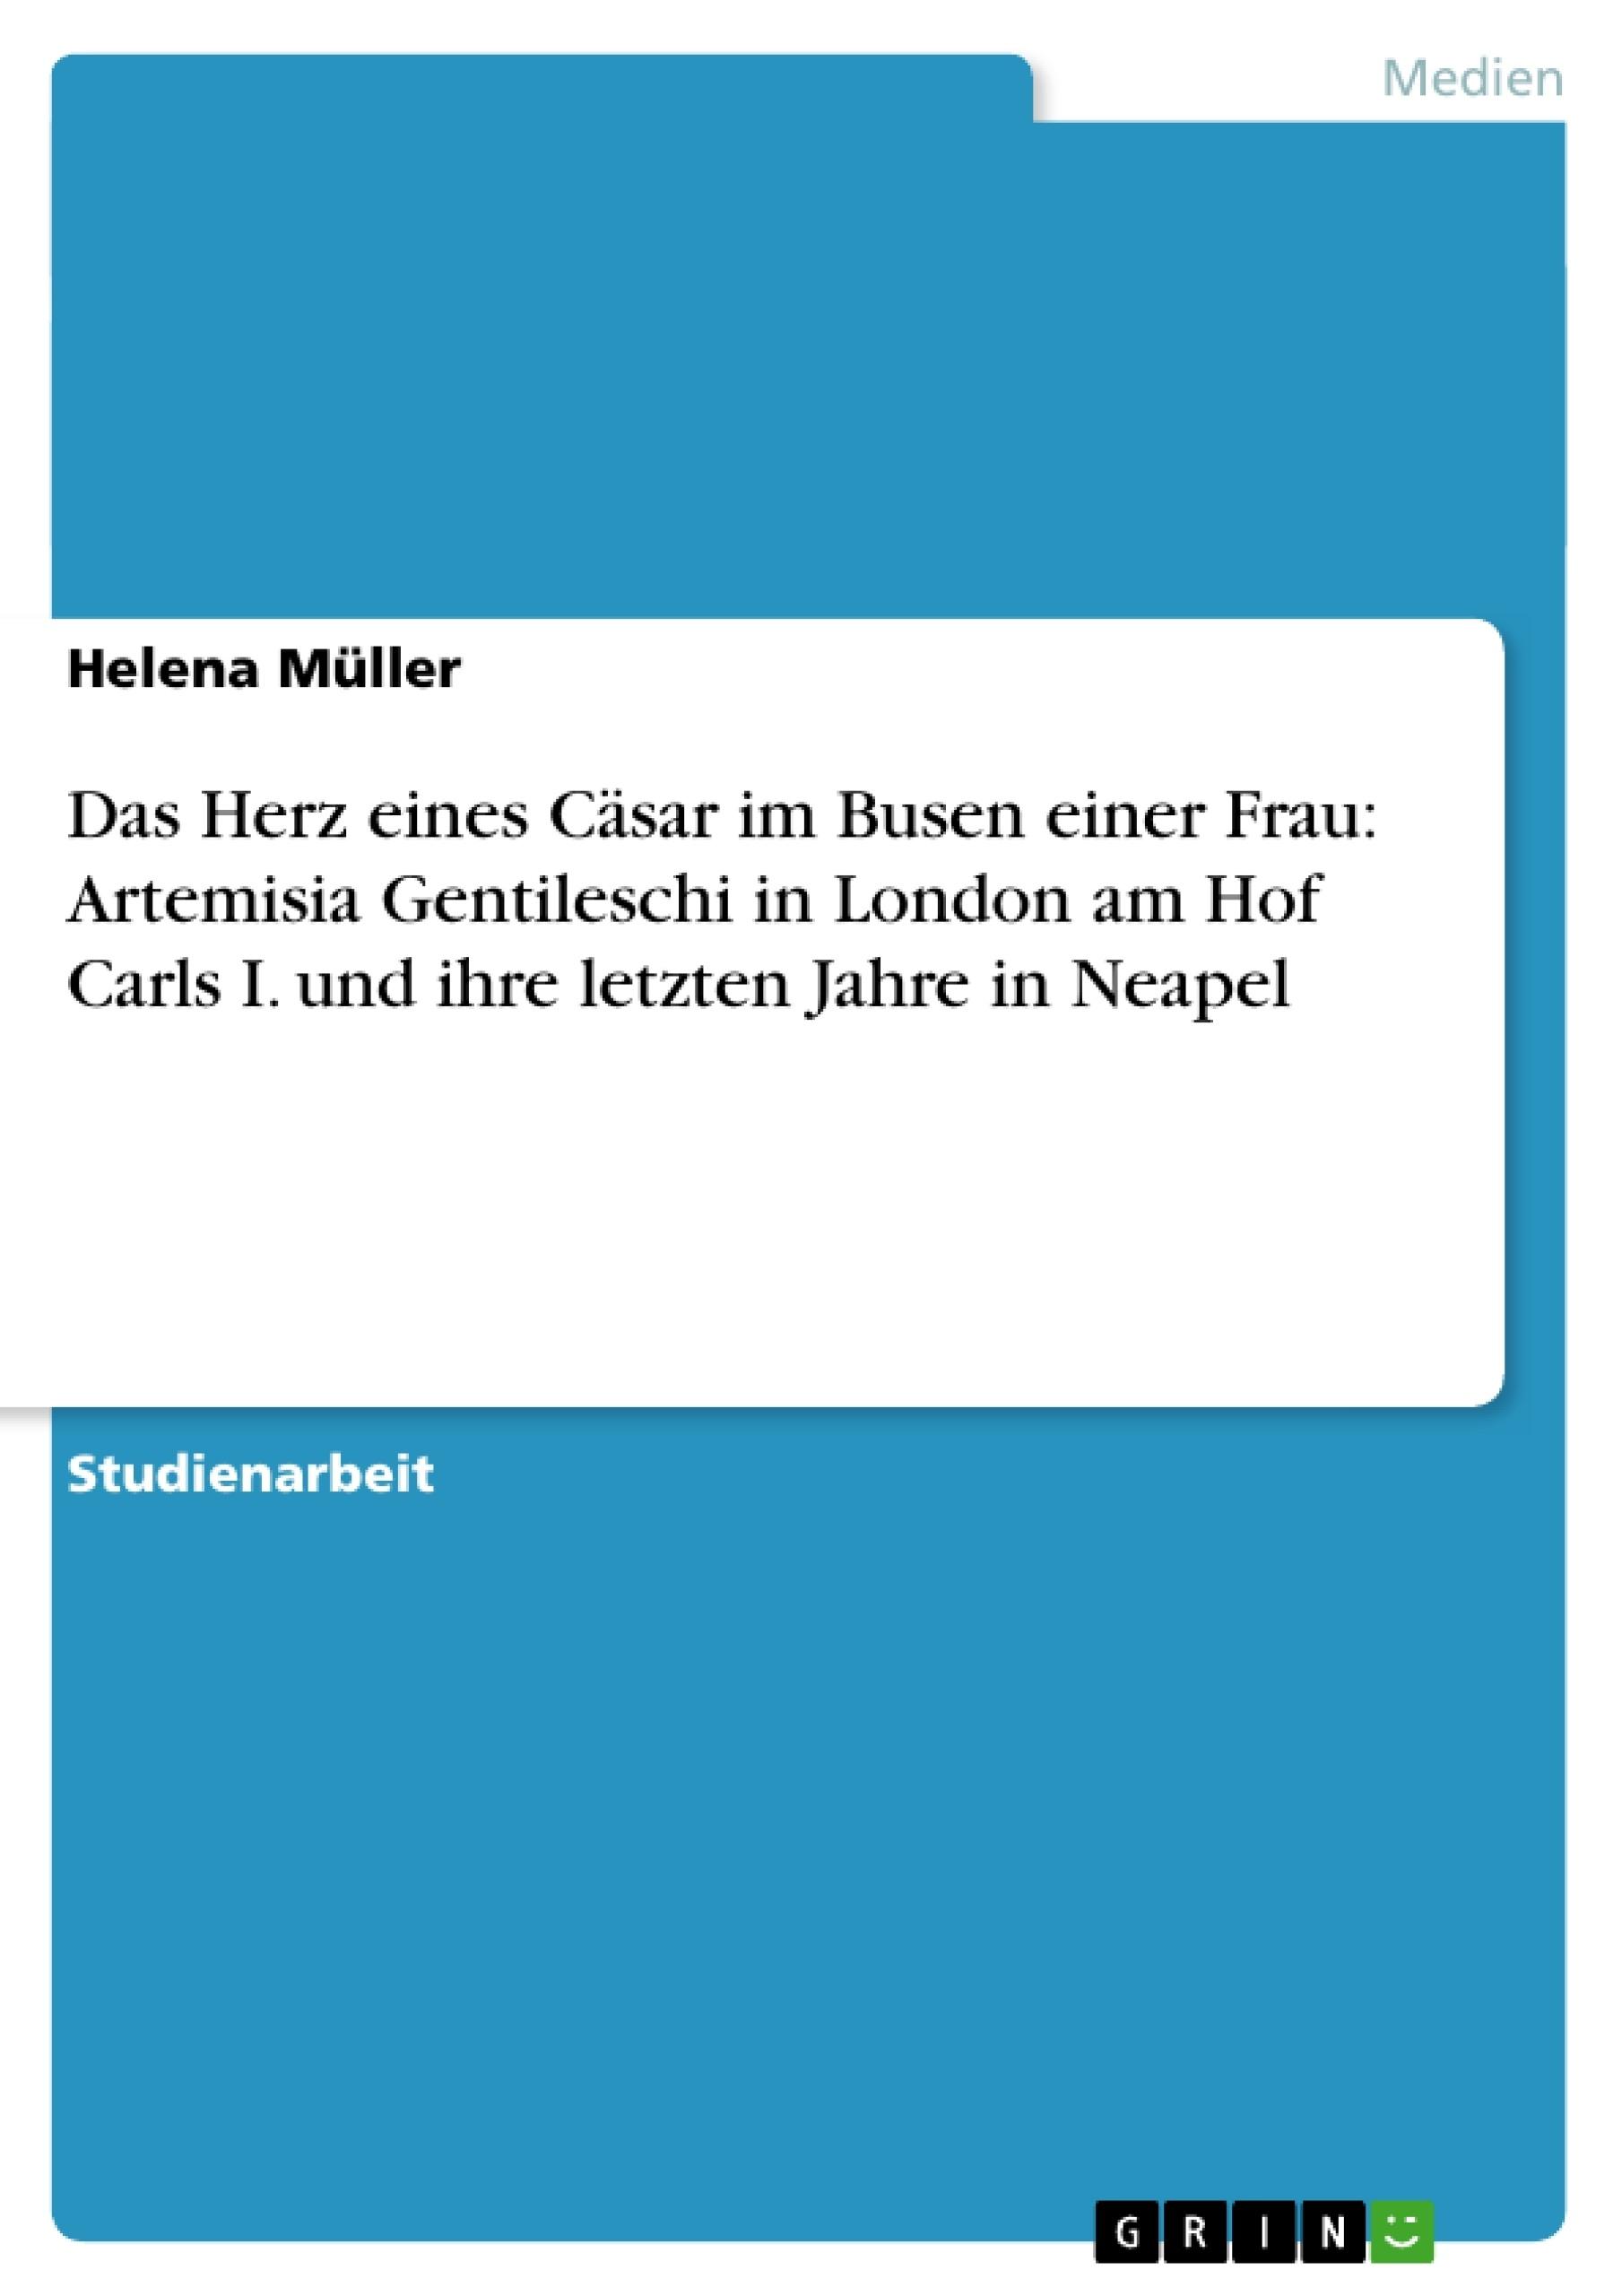 Titel: Das Herz eines Cäsar im Busen einer Frau: Artemisia Gentileschi in London am Hof Carls I. und ihre letzten Jahre in Neapel